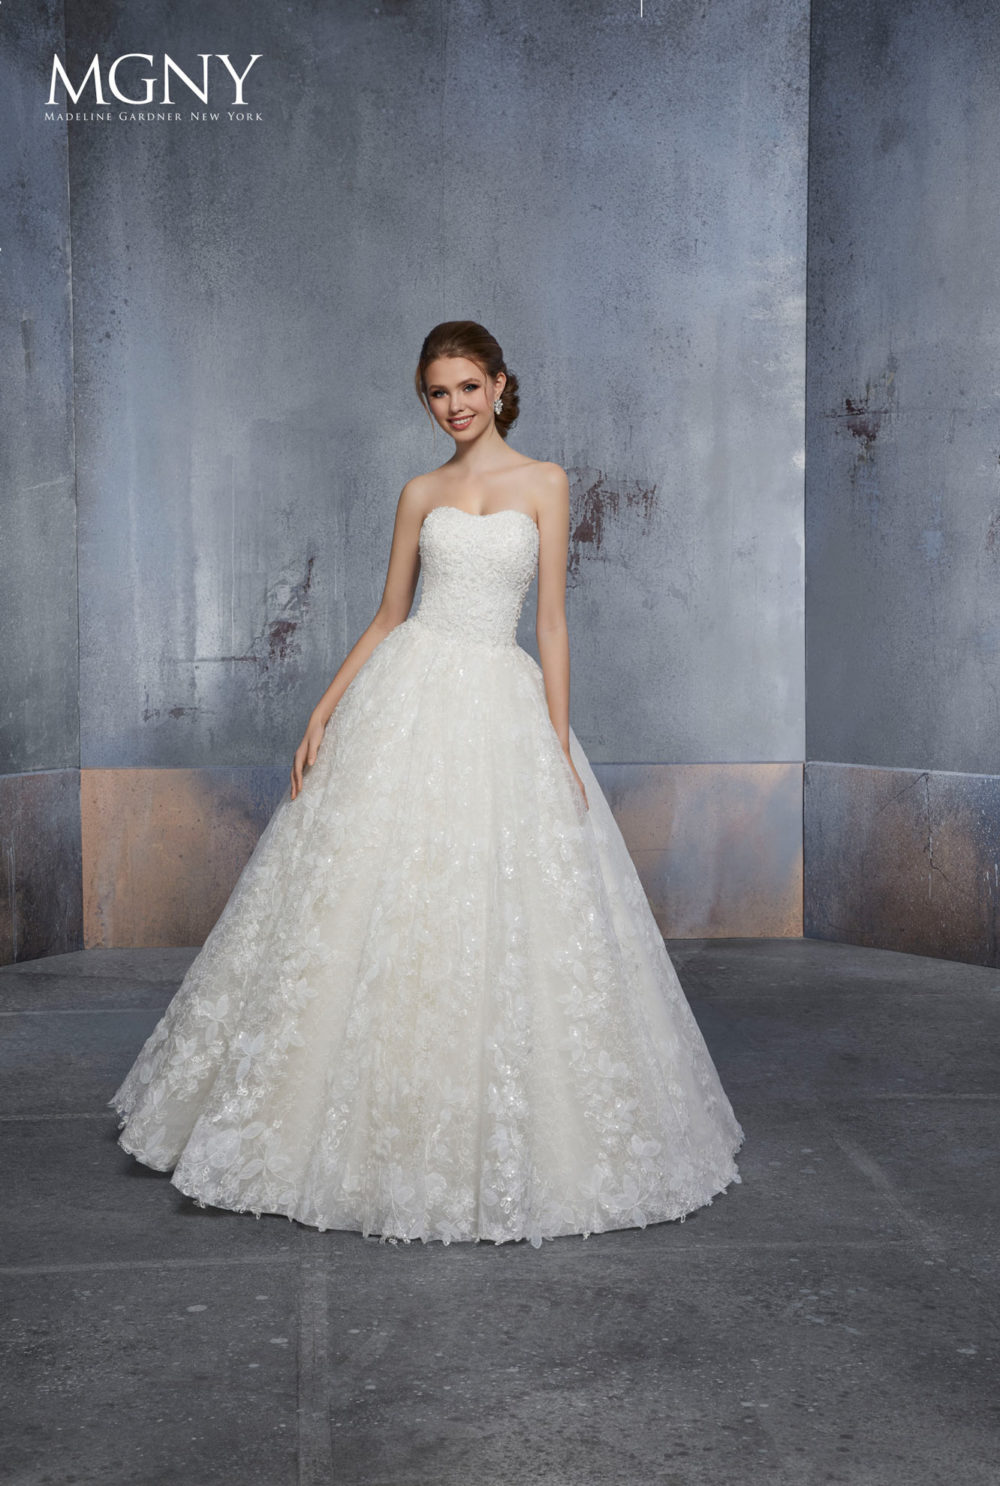 Mariages: abito da sposa Morilee 2020 a Vicenza, Verona, Padova, Veneto 51541